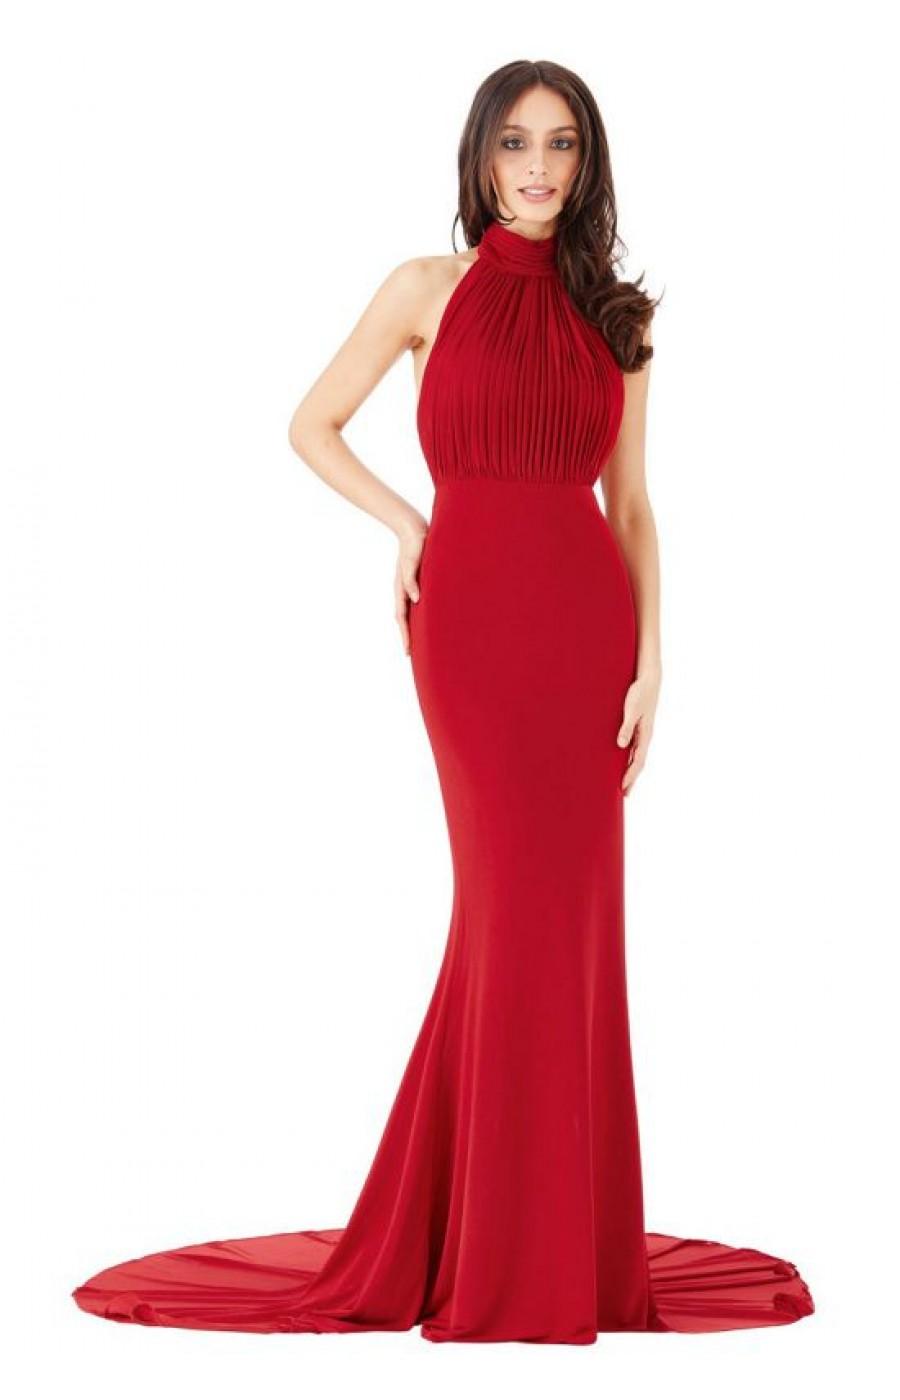 Μακρύ φόρεμα με ανοικτή πλάτη